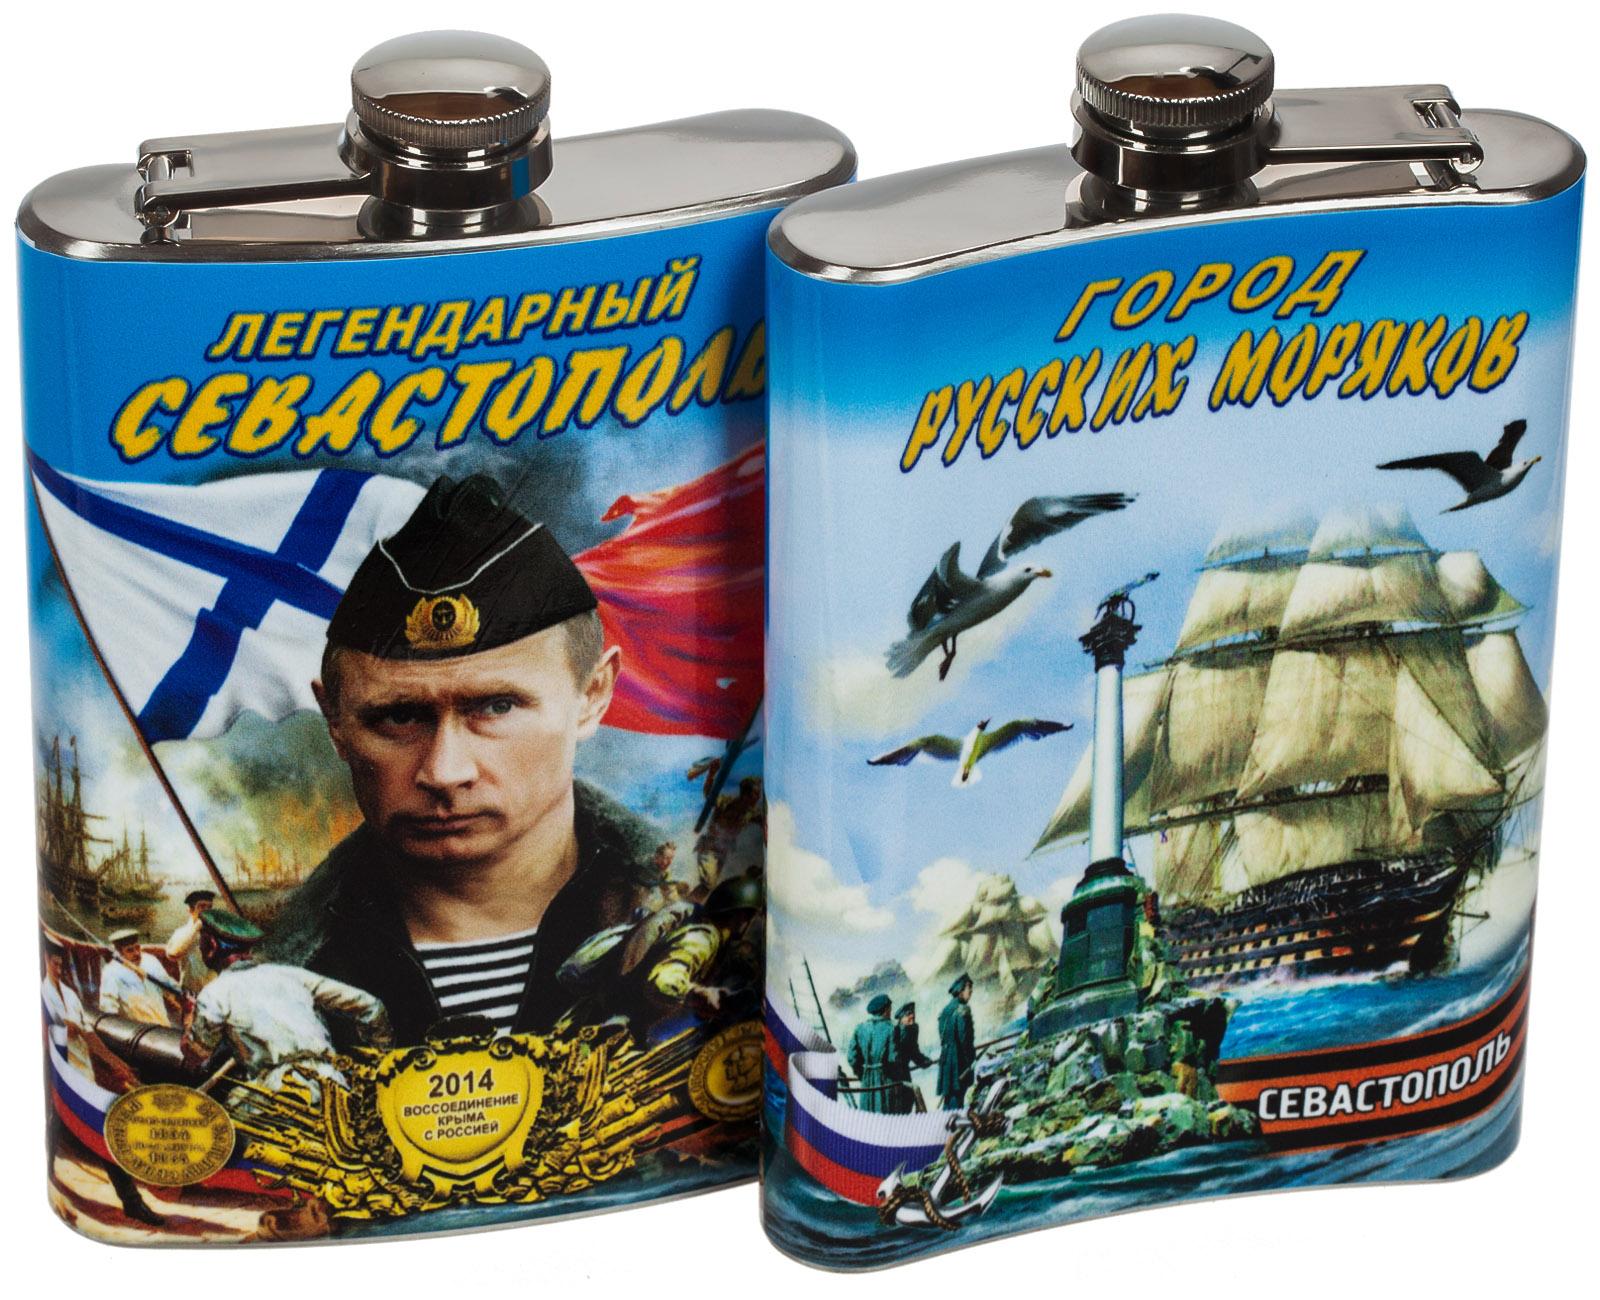 """Купить флягу """"Легендарный Севастополь"""" в качестве подарка другу"""